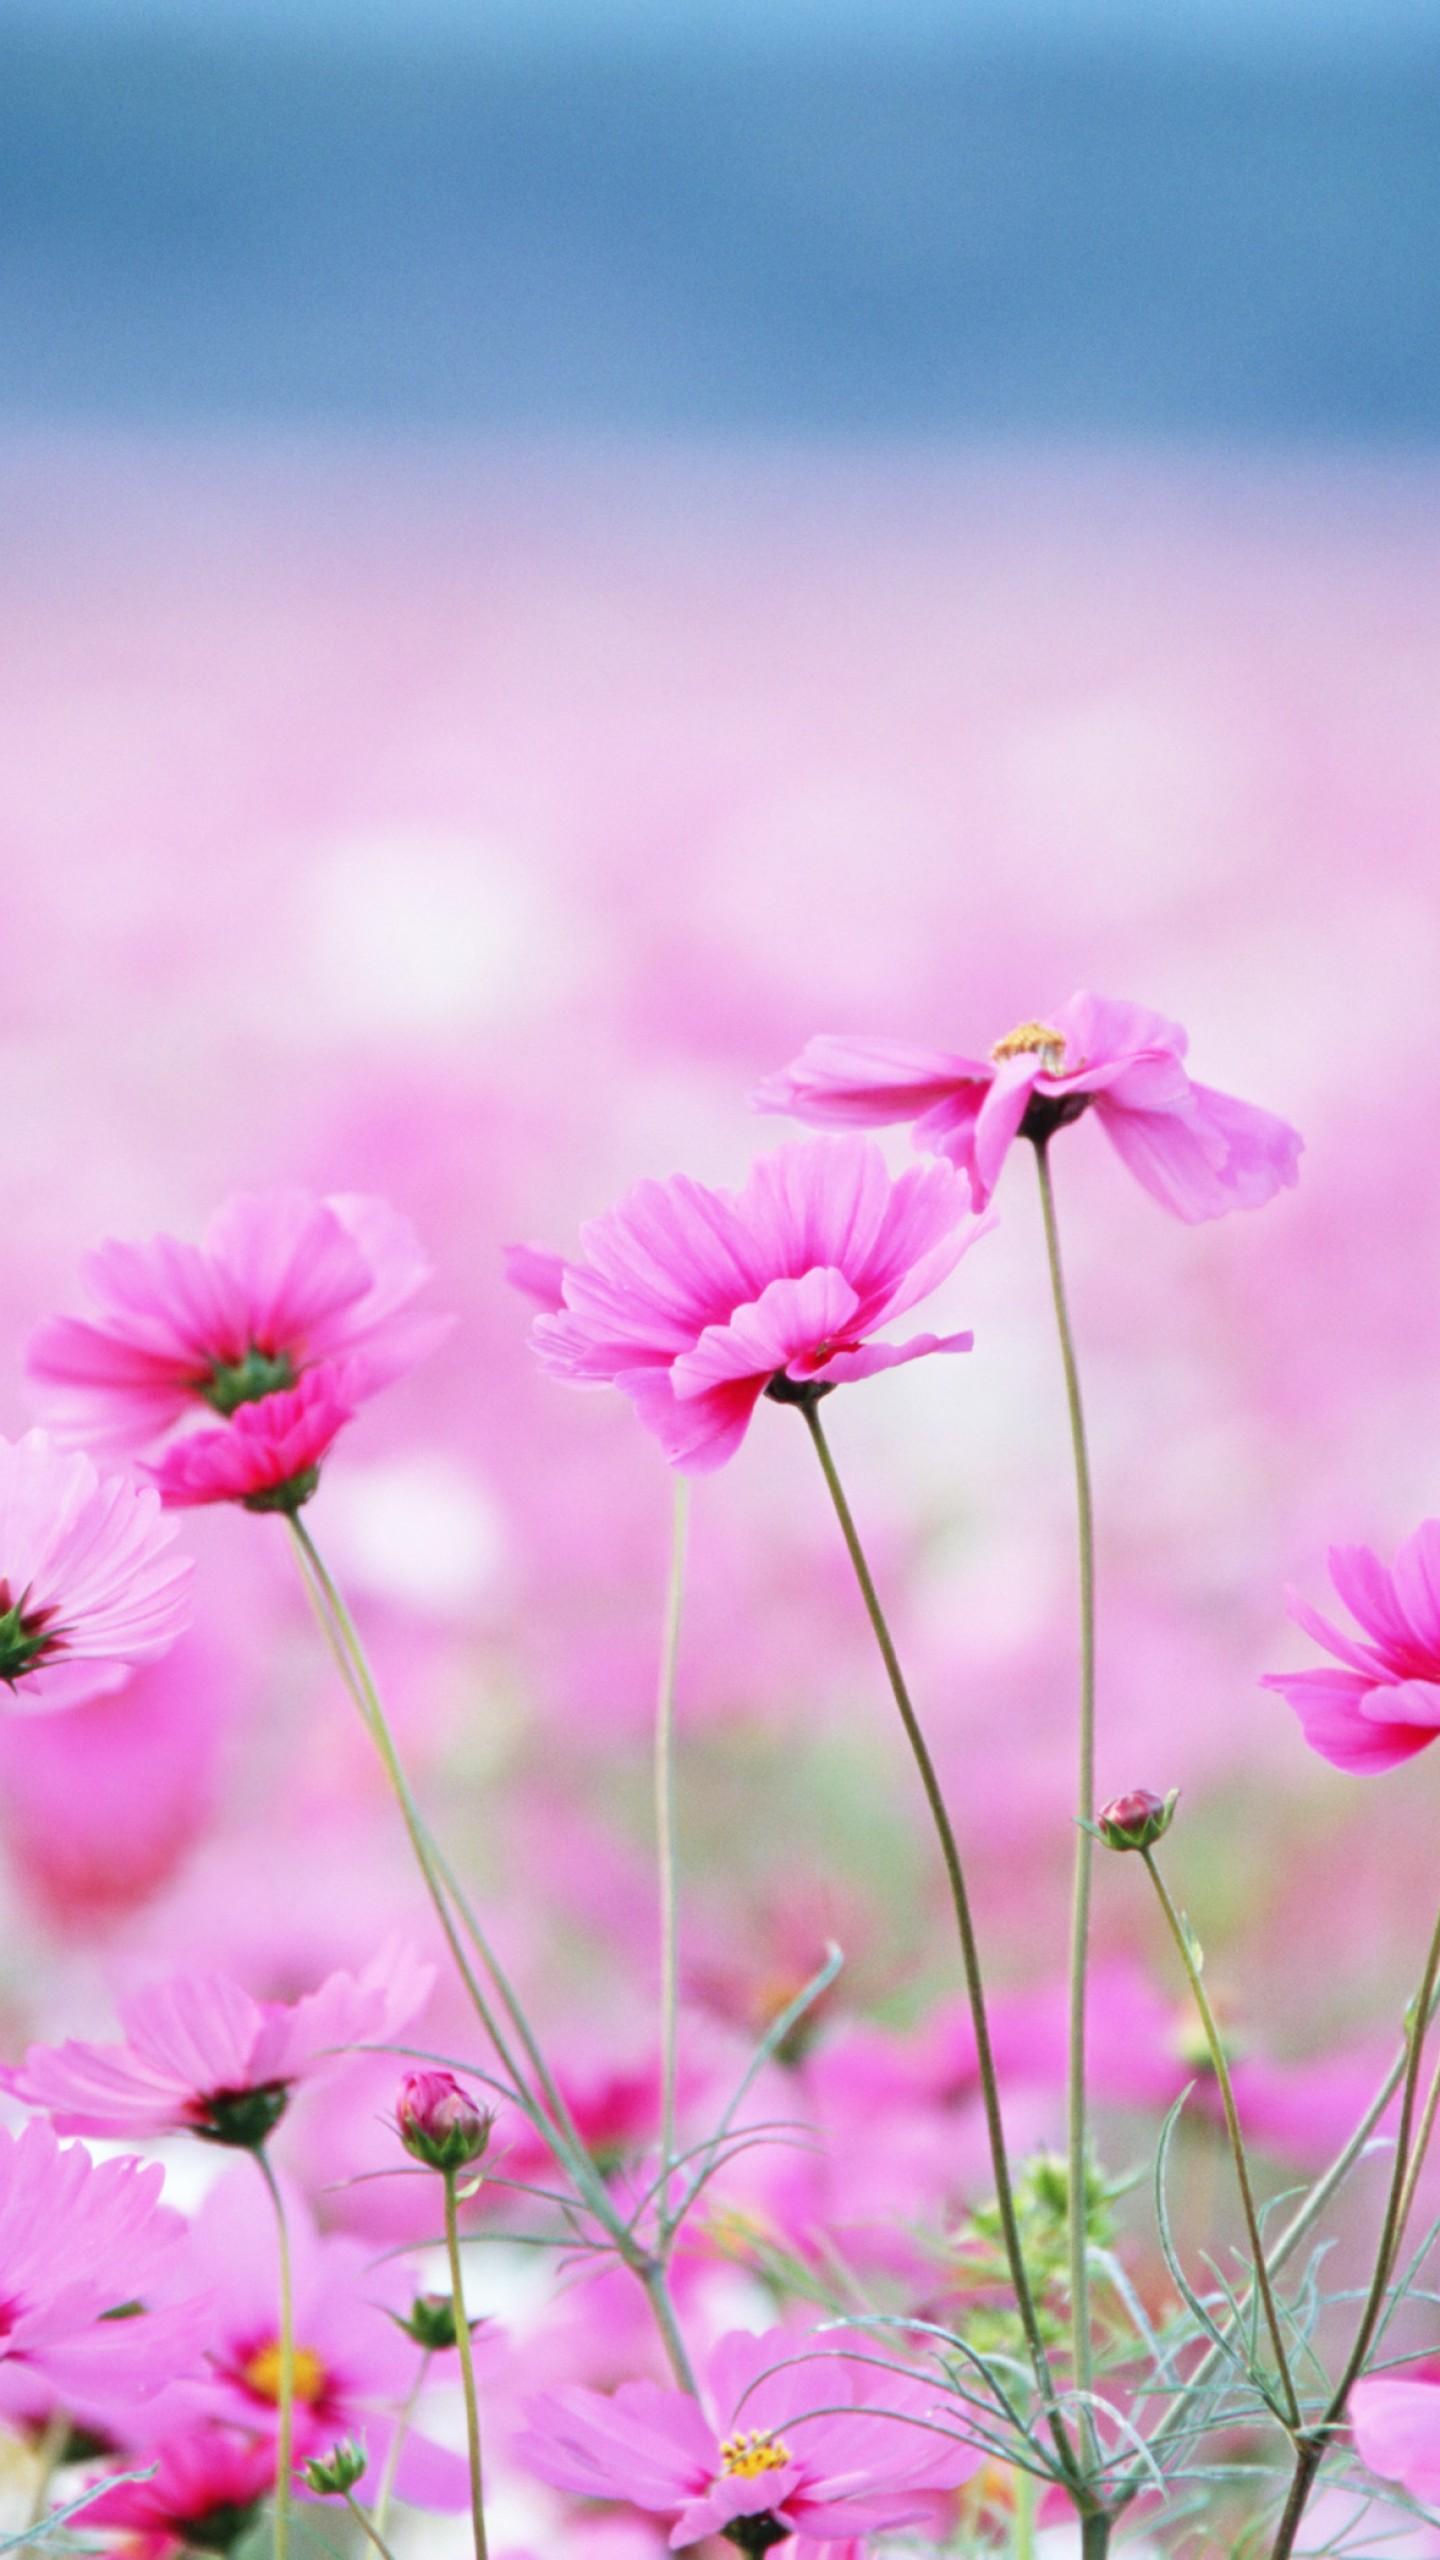 Wallpaper Wildflowers, HD, 4k wallpaper, field, pink ...